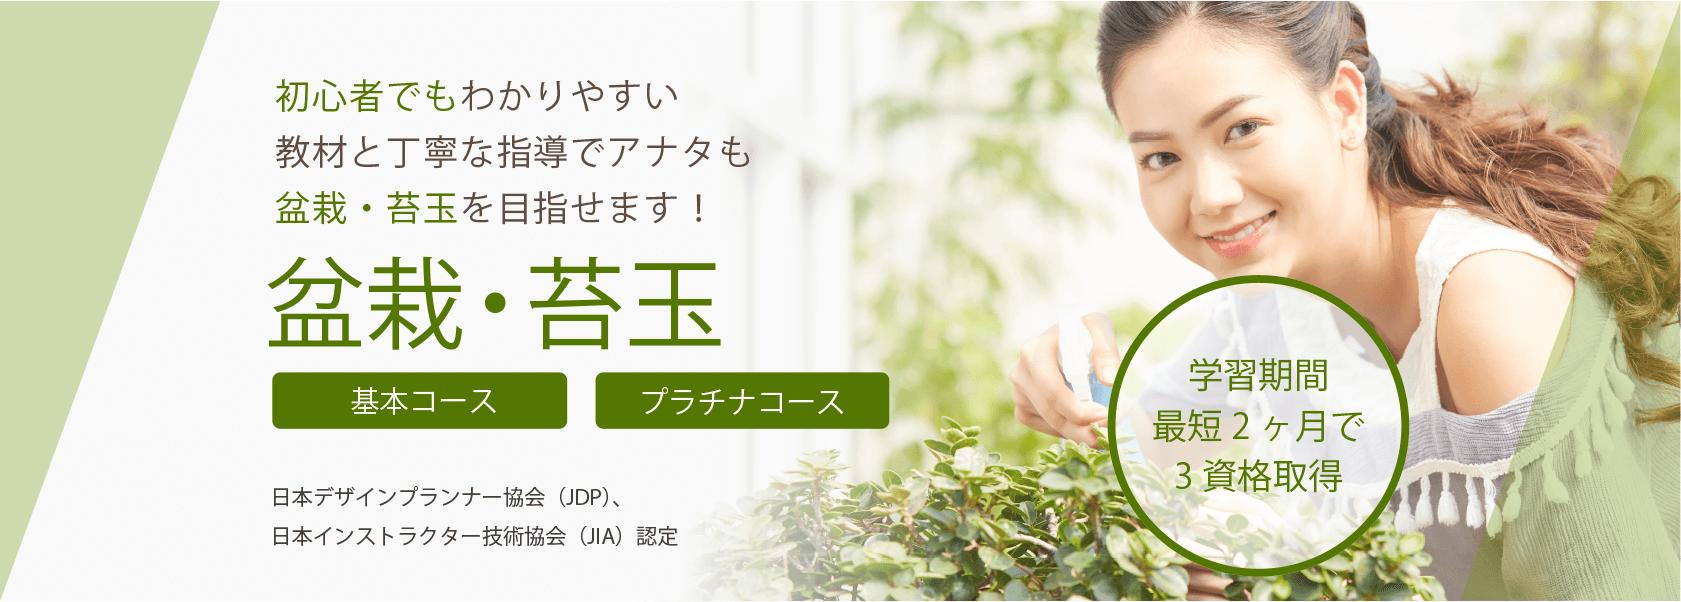 盆栽・苔玉資格取得の通信教育講座